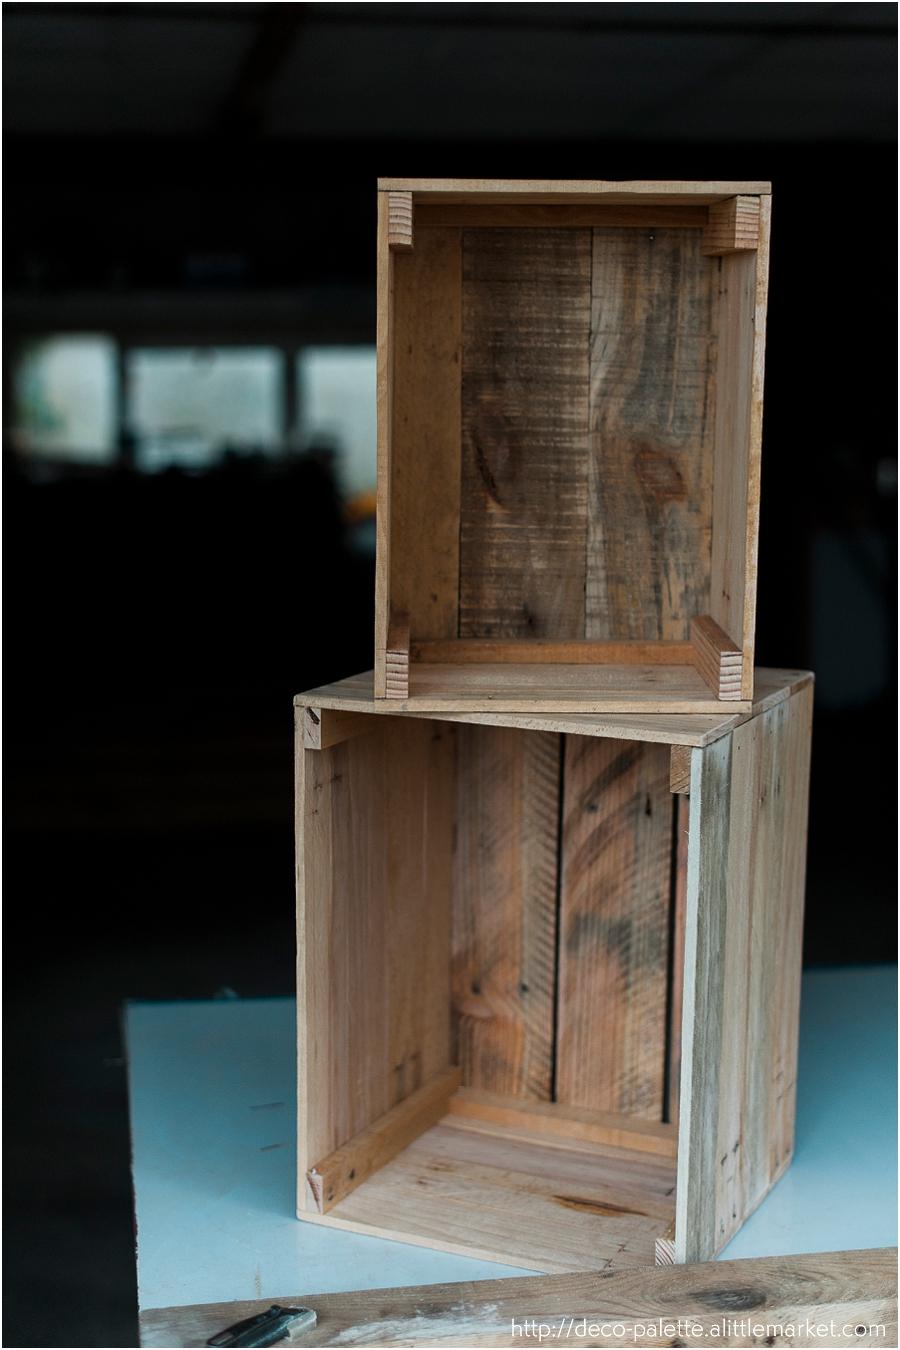 création de meubles en bois de palettes recyclées, do it yourself, made in 14, made in normandie, fait main, mobilier et déco éco responsable, éco conception